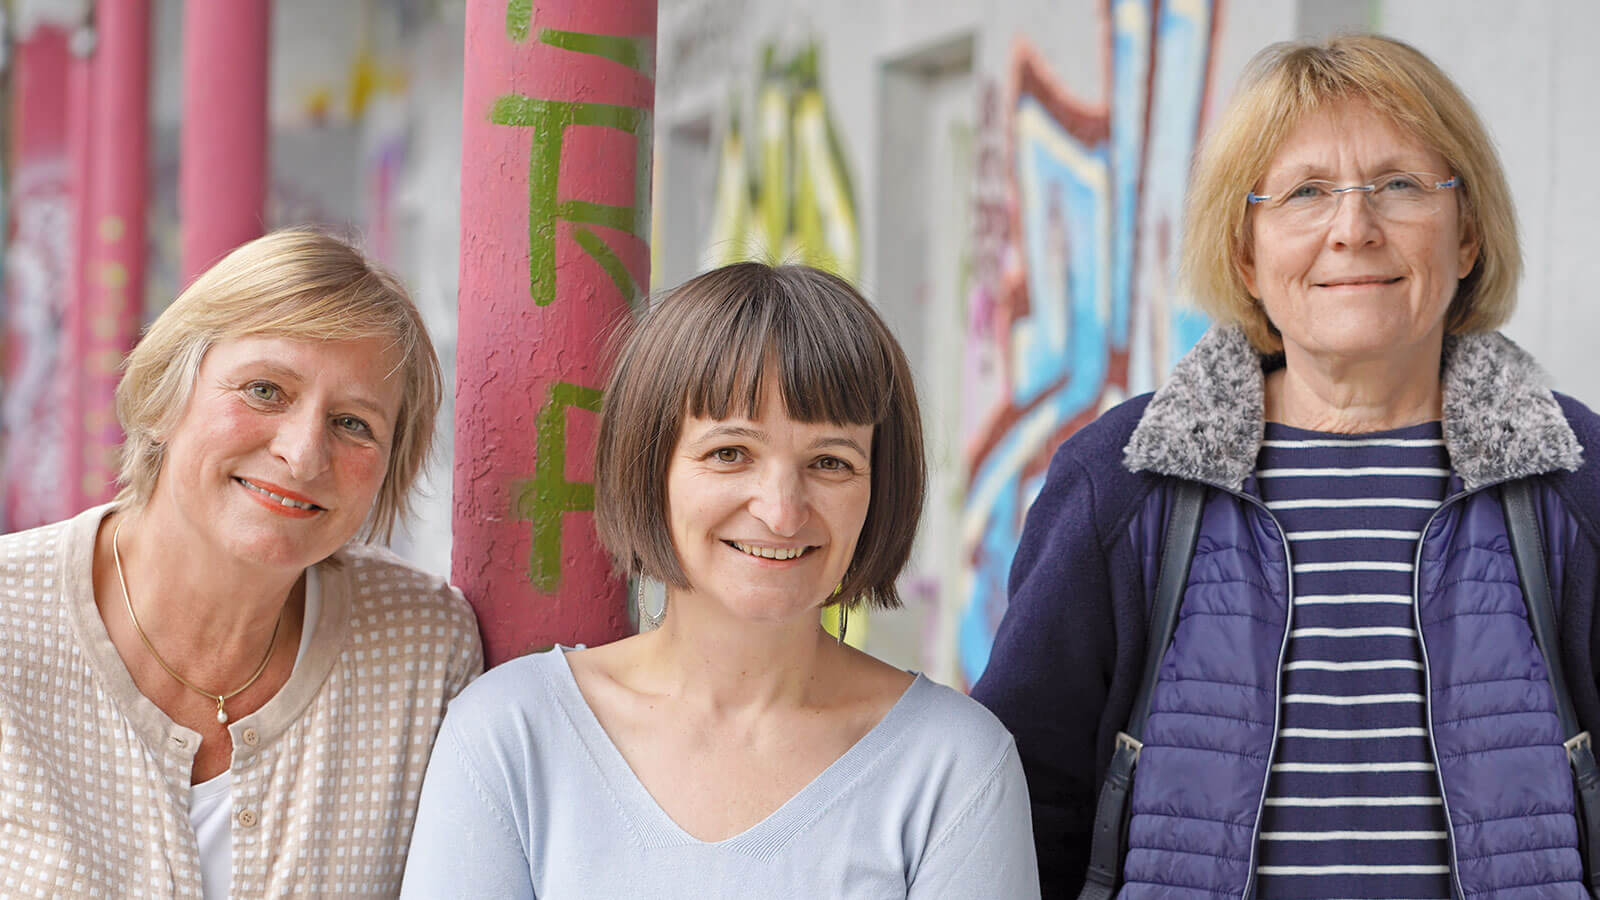 Tina Braun, Enikö Nagy, Astrid Baierl, Stefanie Langner, Frauenhaus Weiden